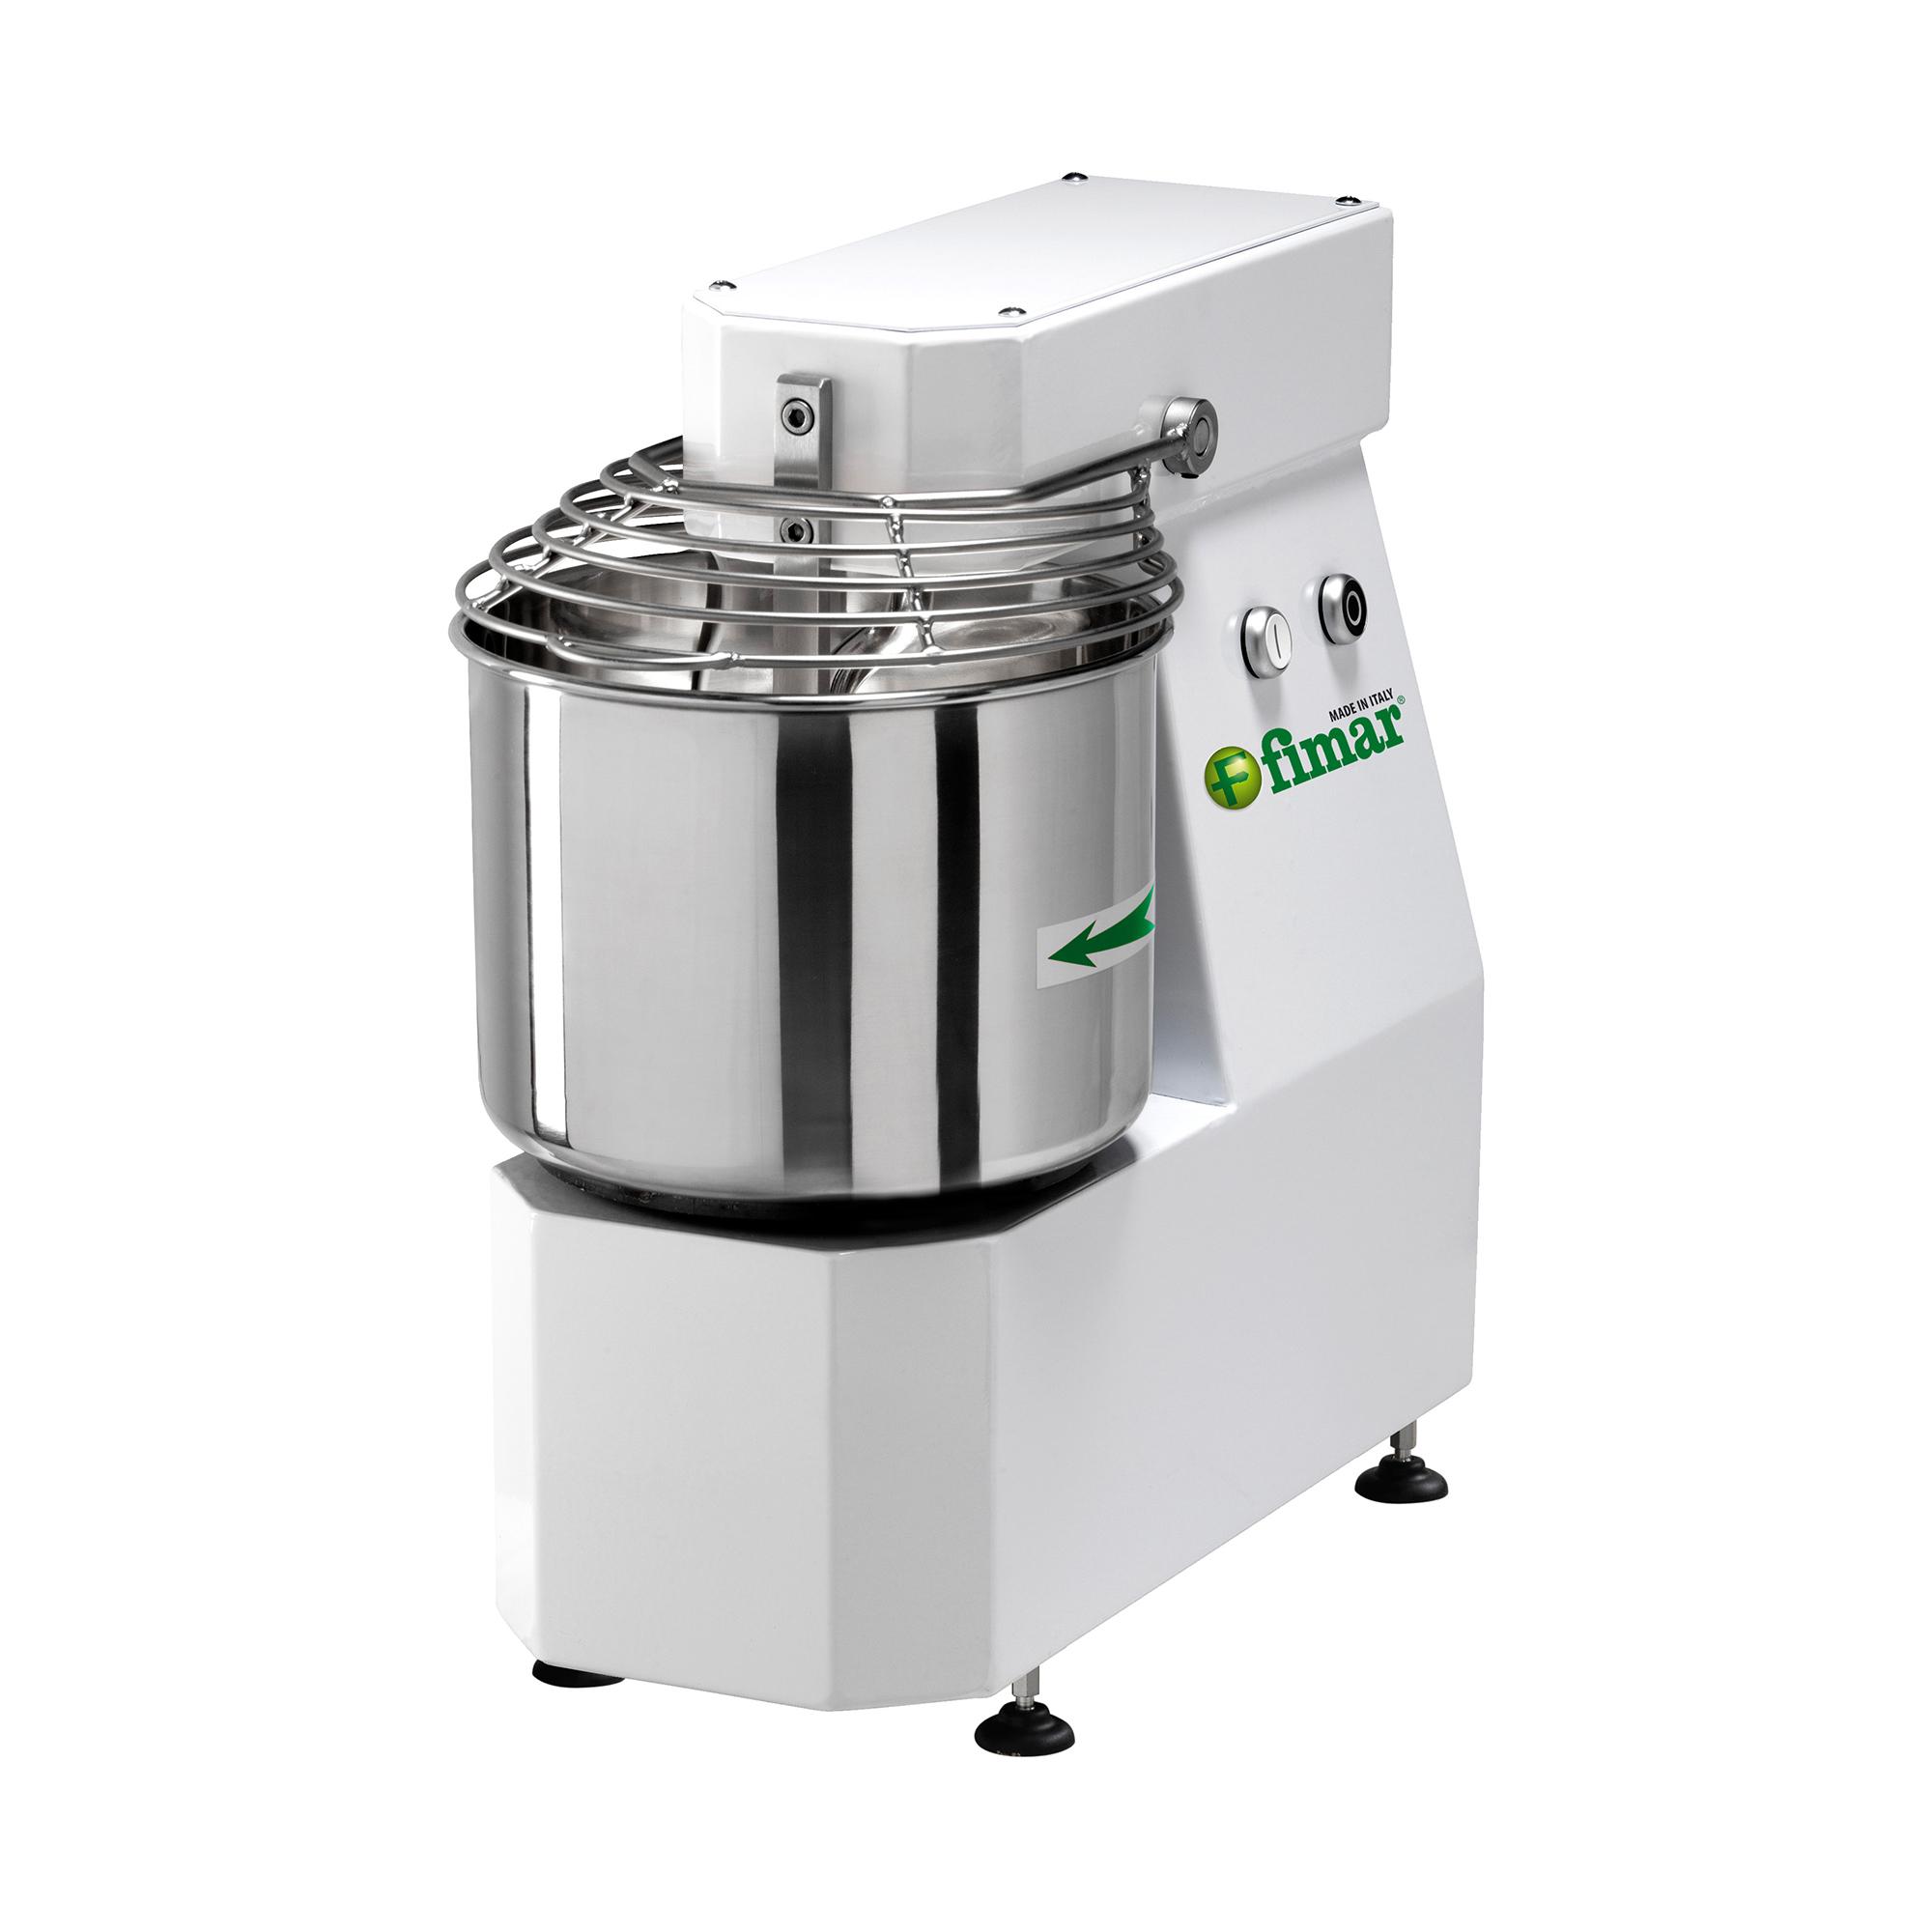 Тестомесильная машина Fimar 7 SN